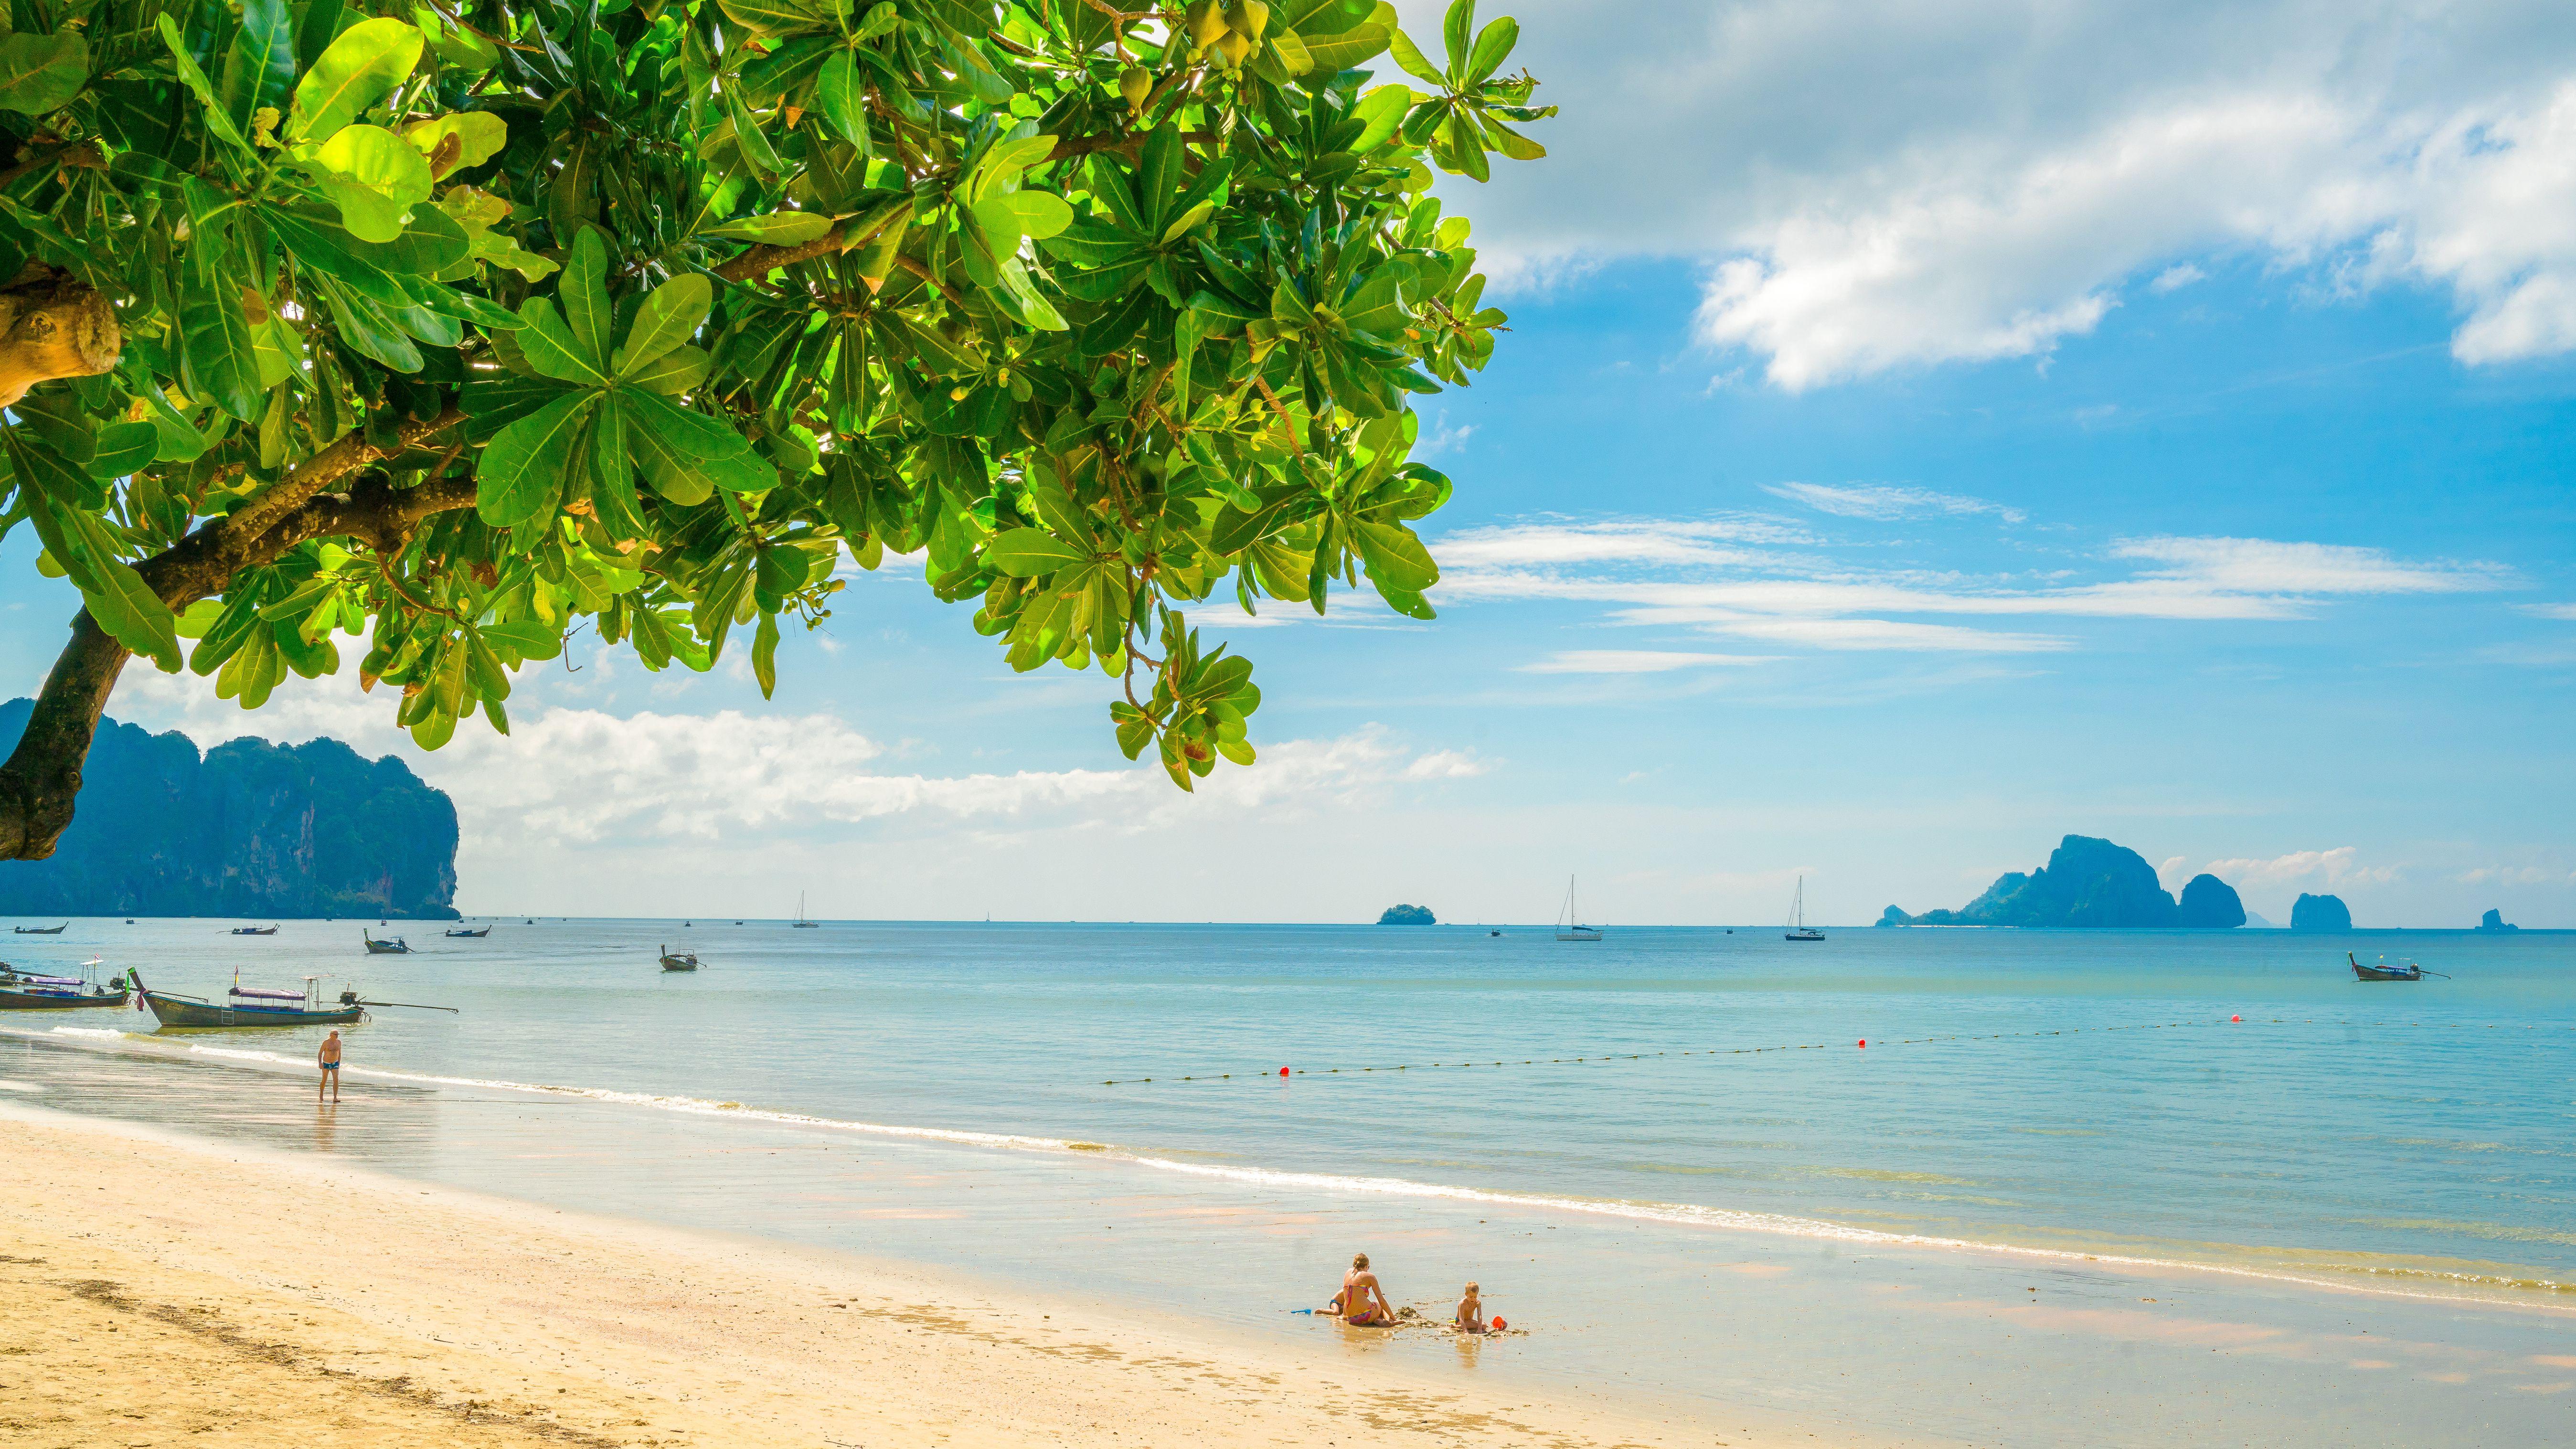 Ao Nang Beach in Krabi, Thailand